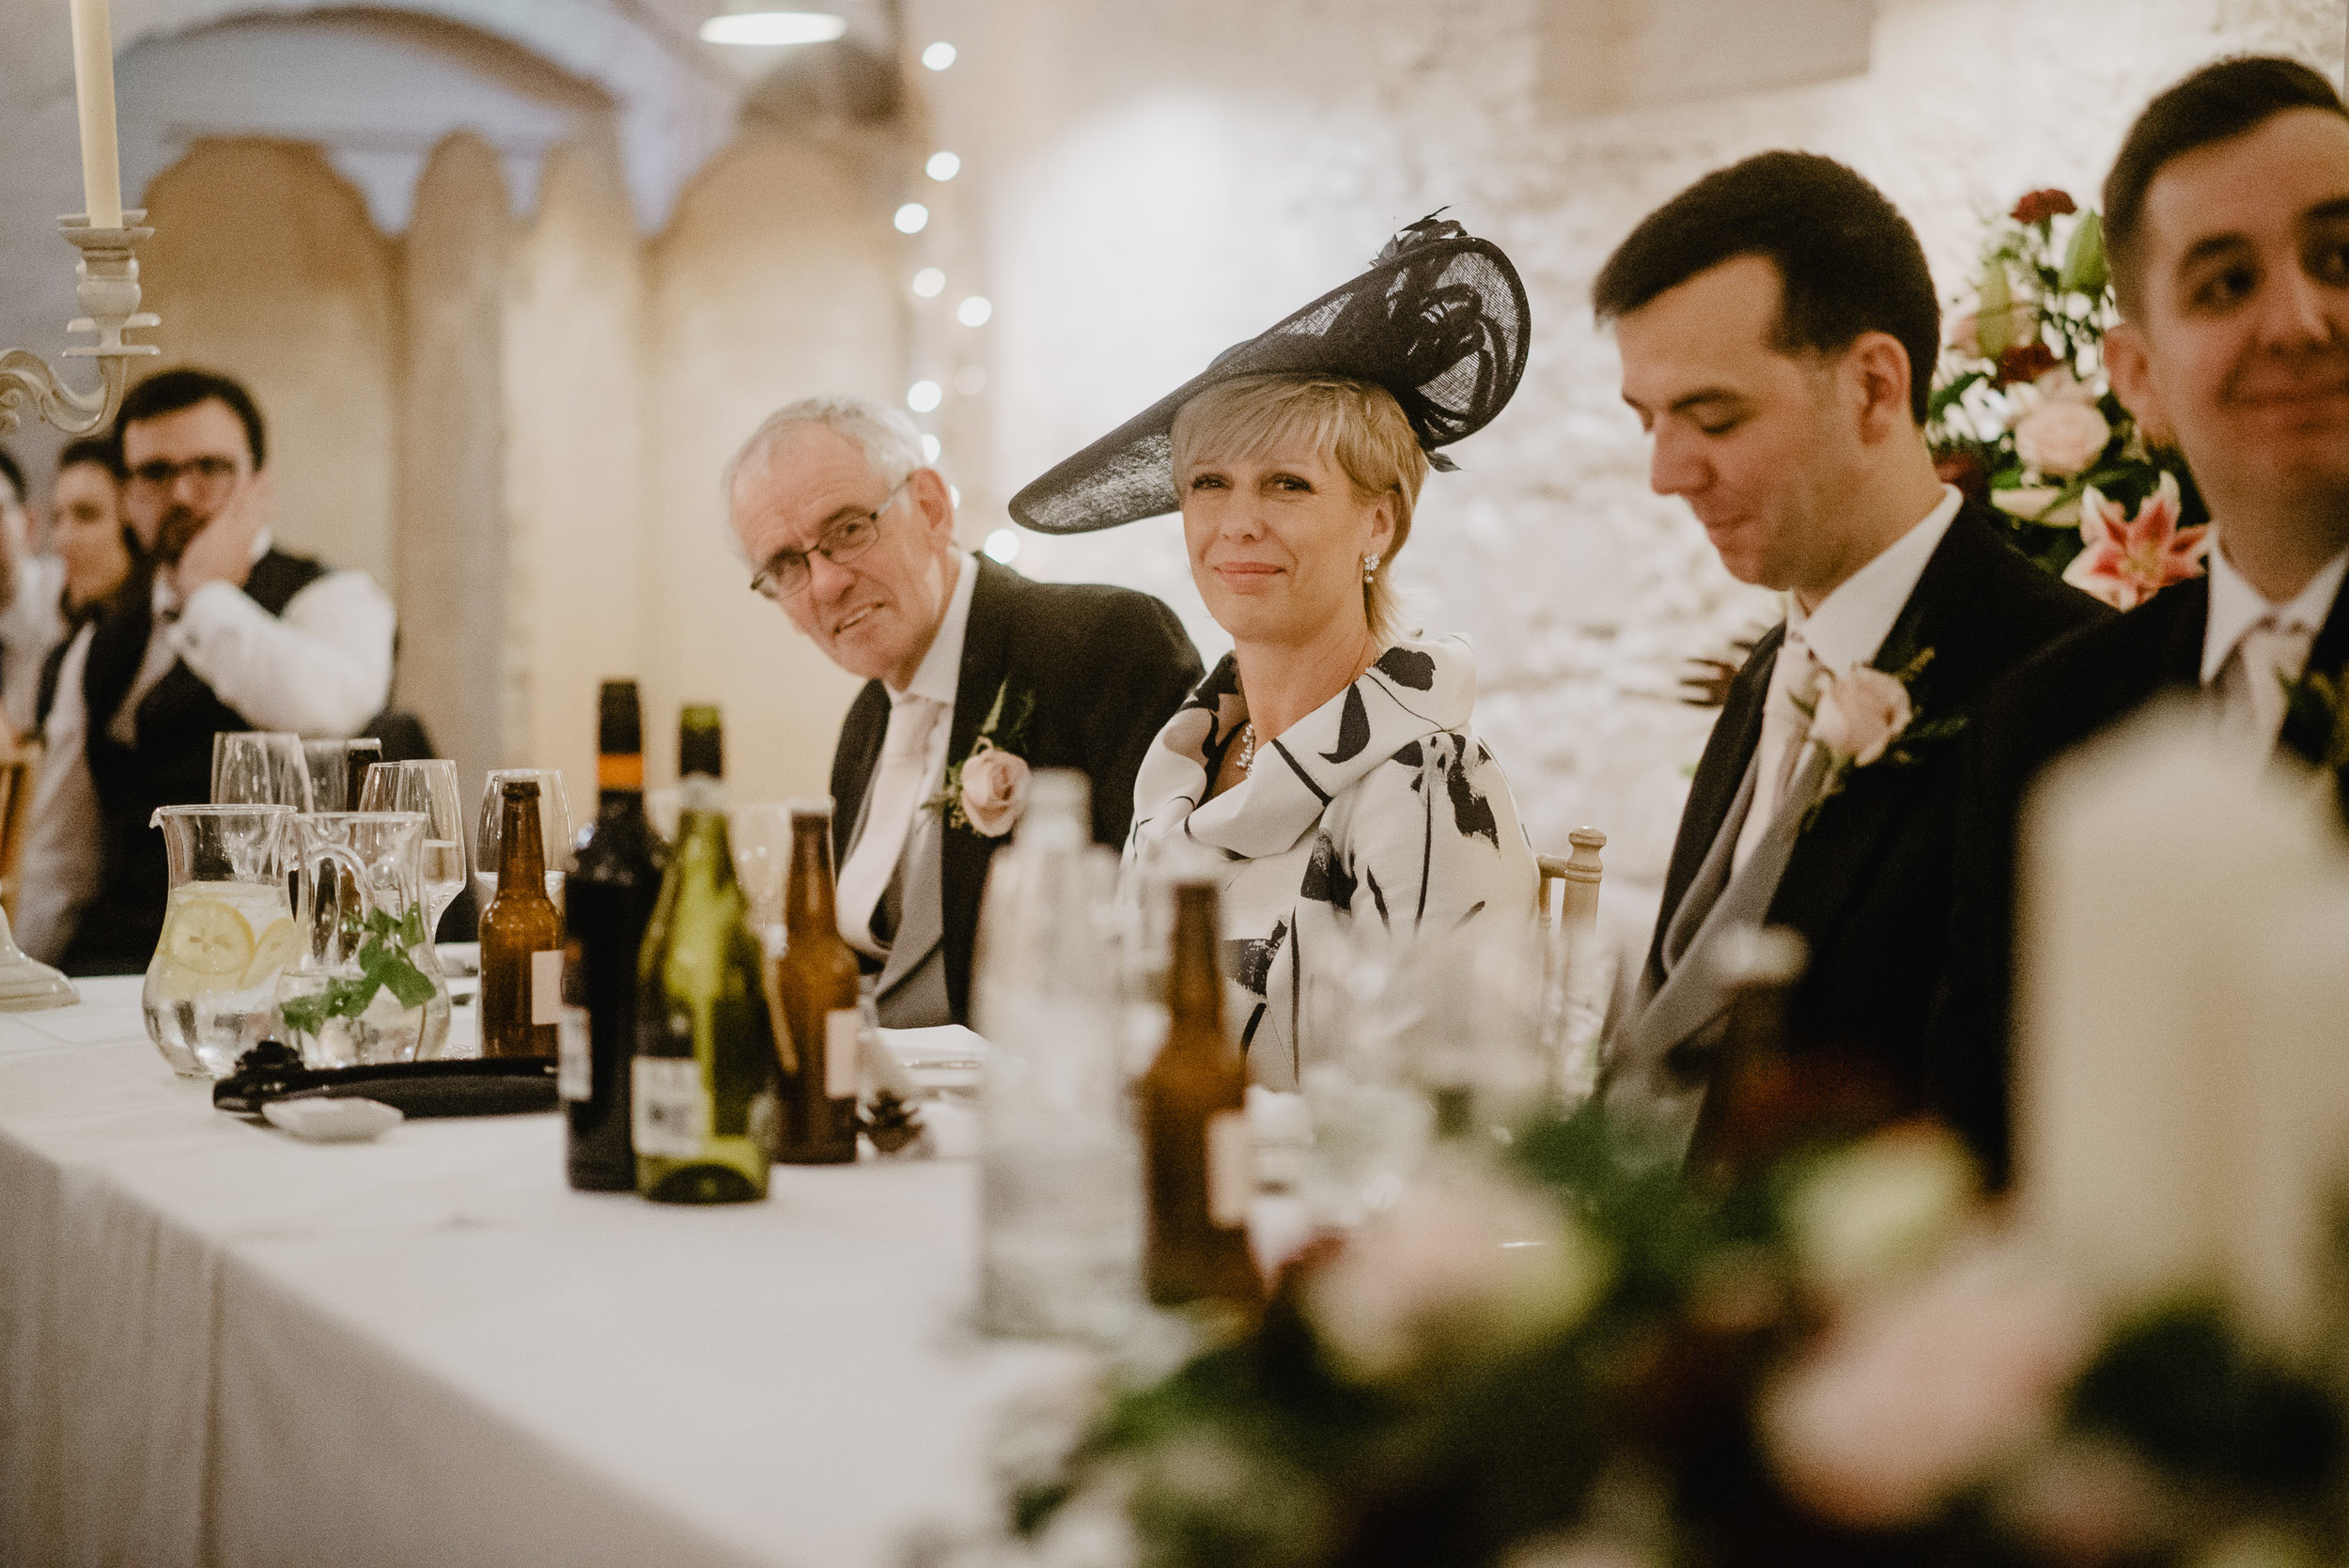 larchfield estate wedding photos-135.jpg